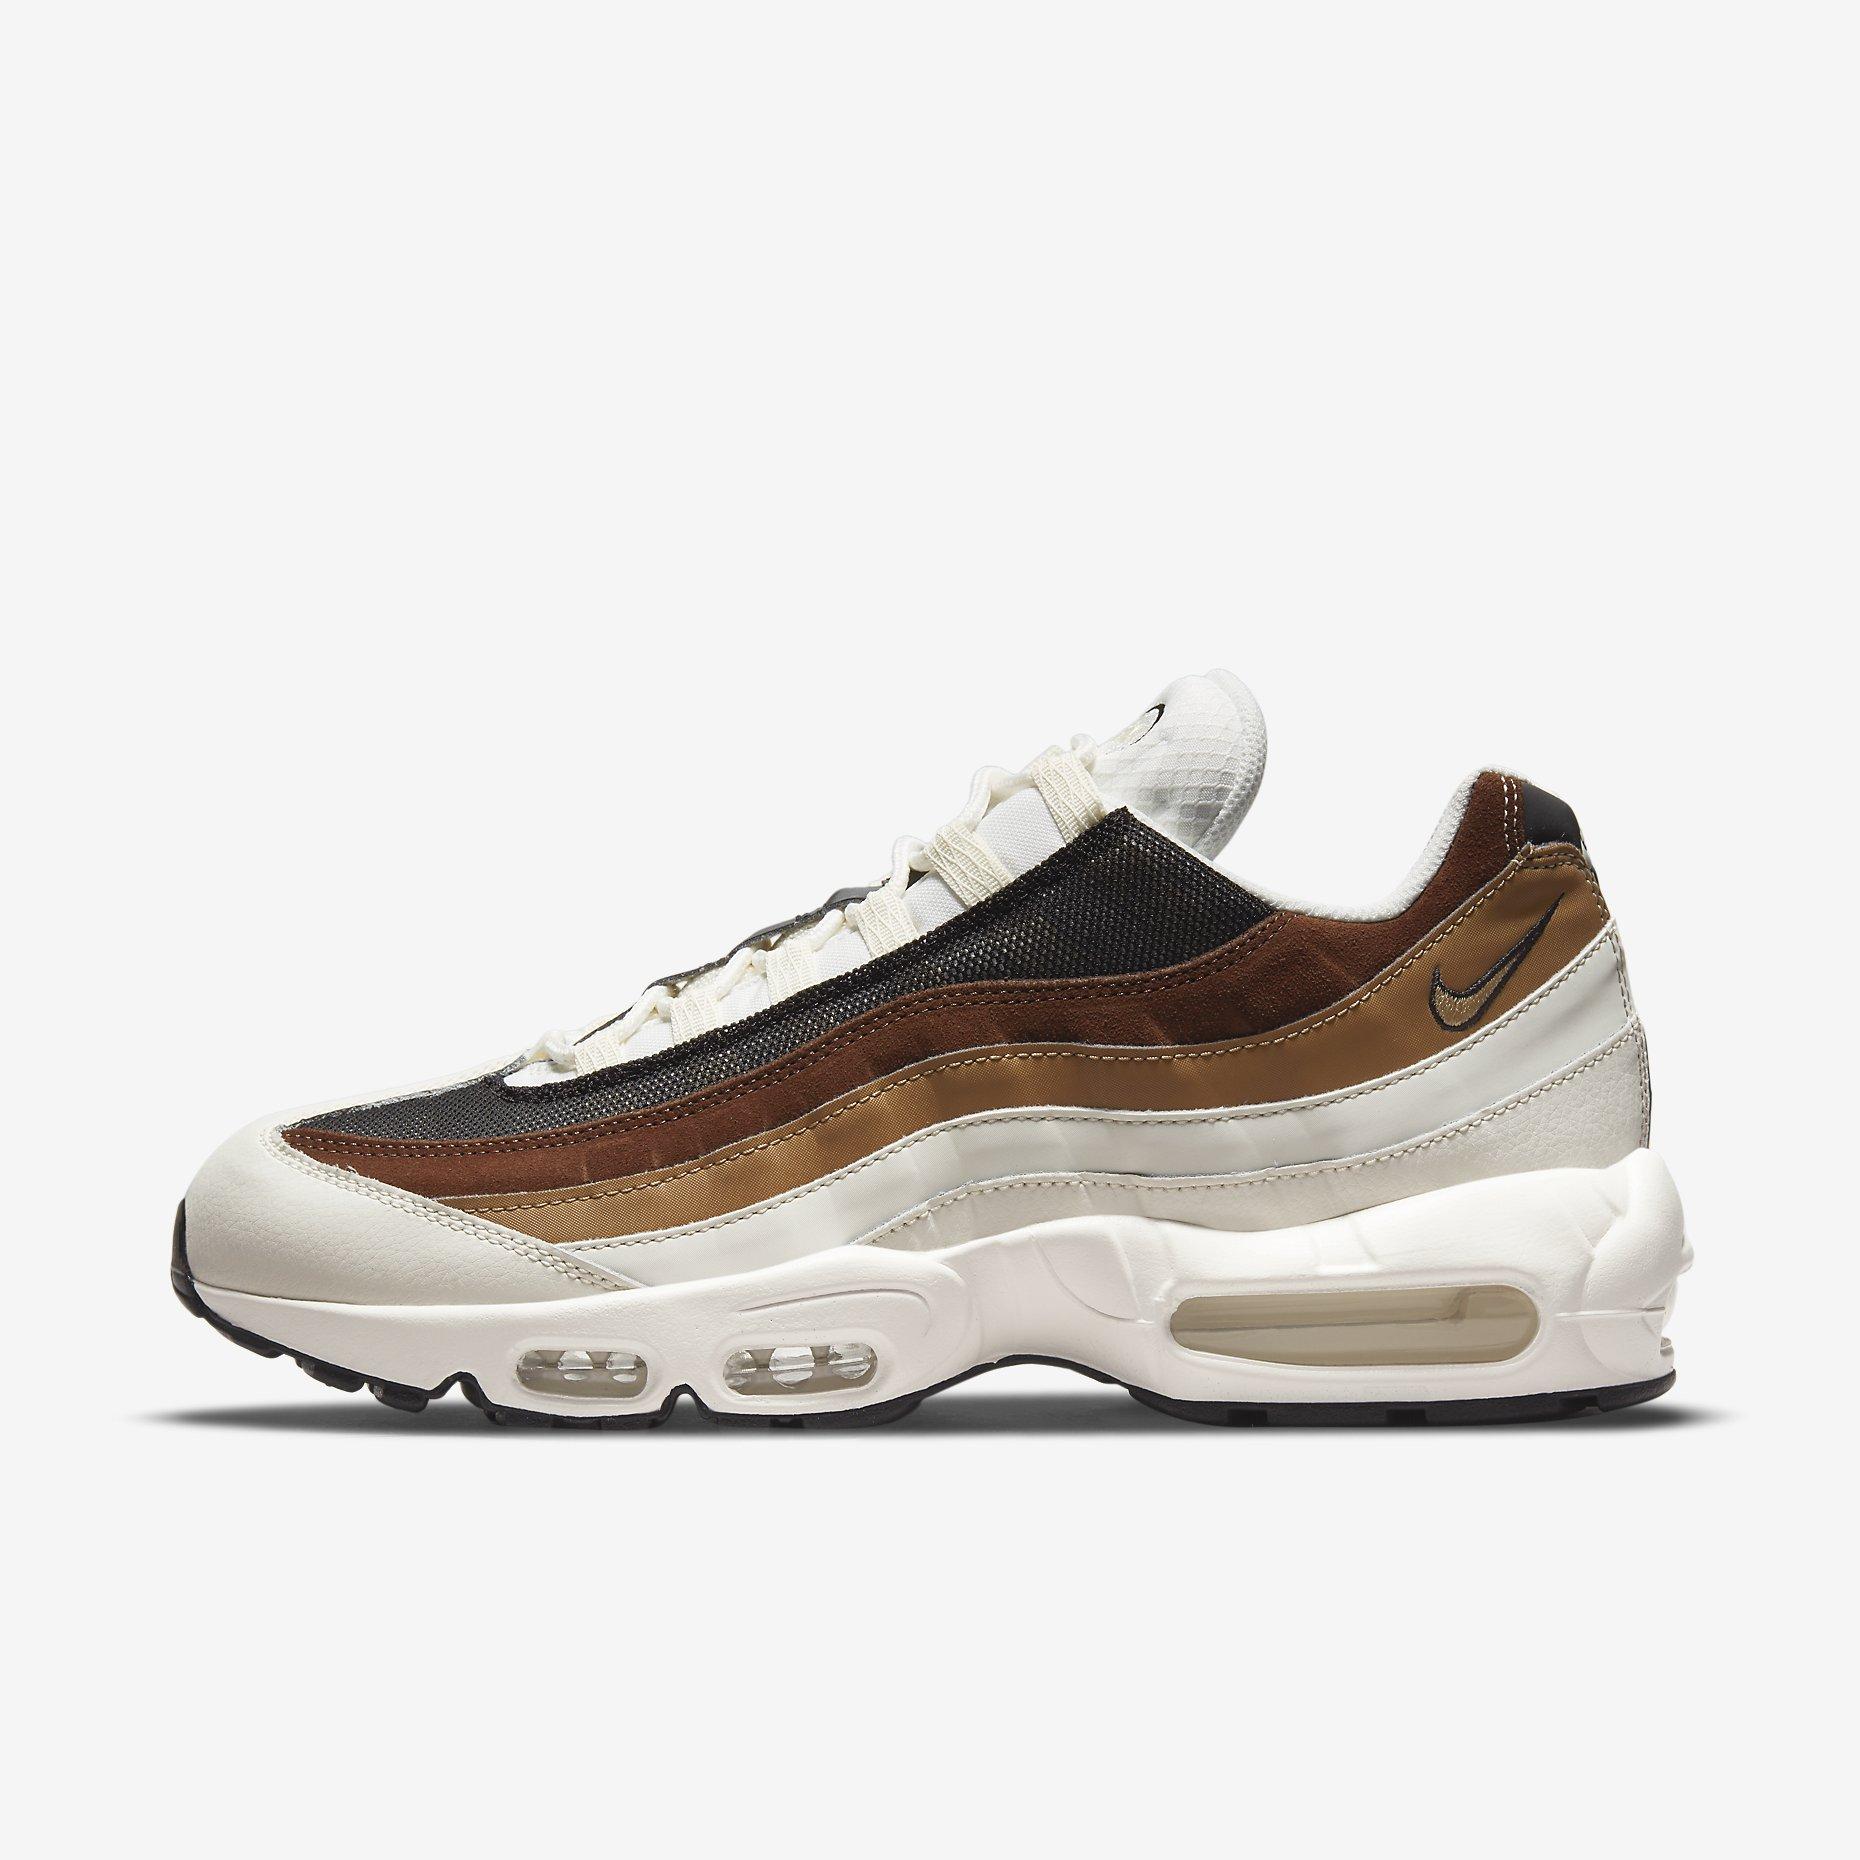 Nike Air Max 95 | More Sneakers